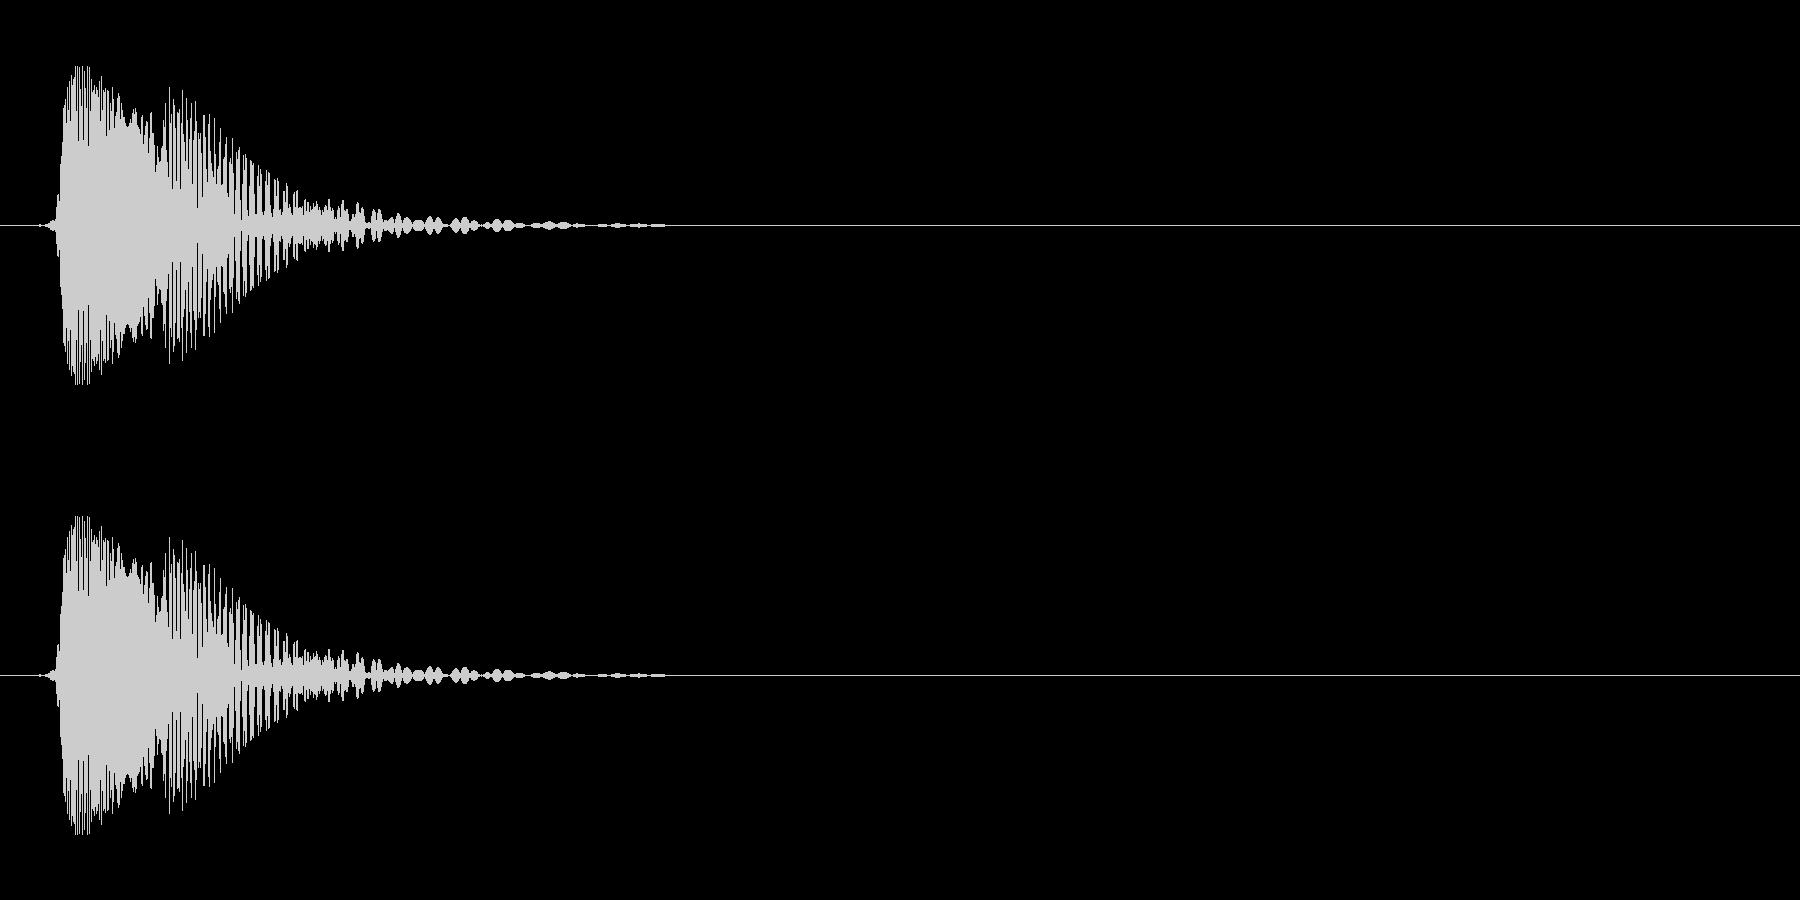 ジャンプやビームに(ゲーム効果音)の未再生の波形